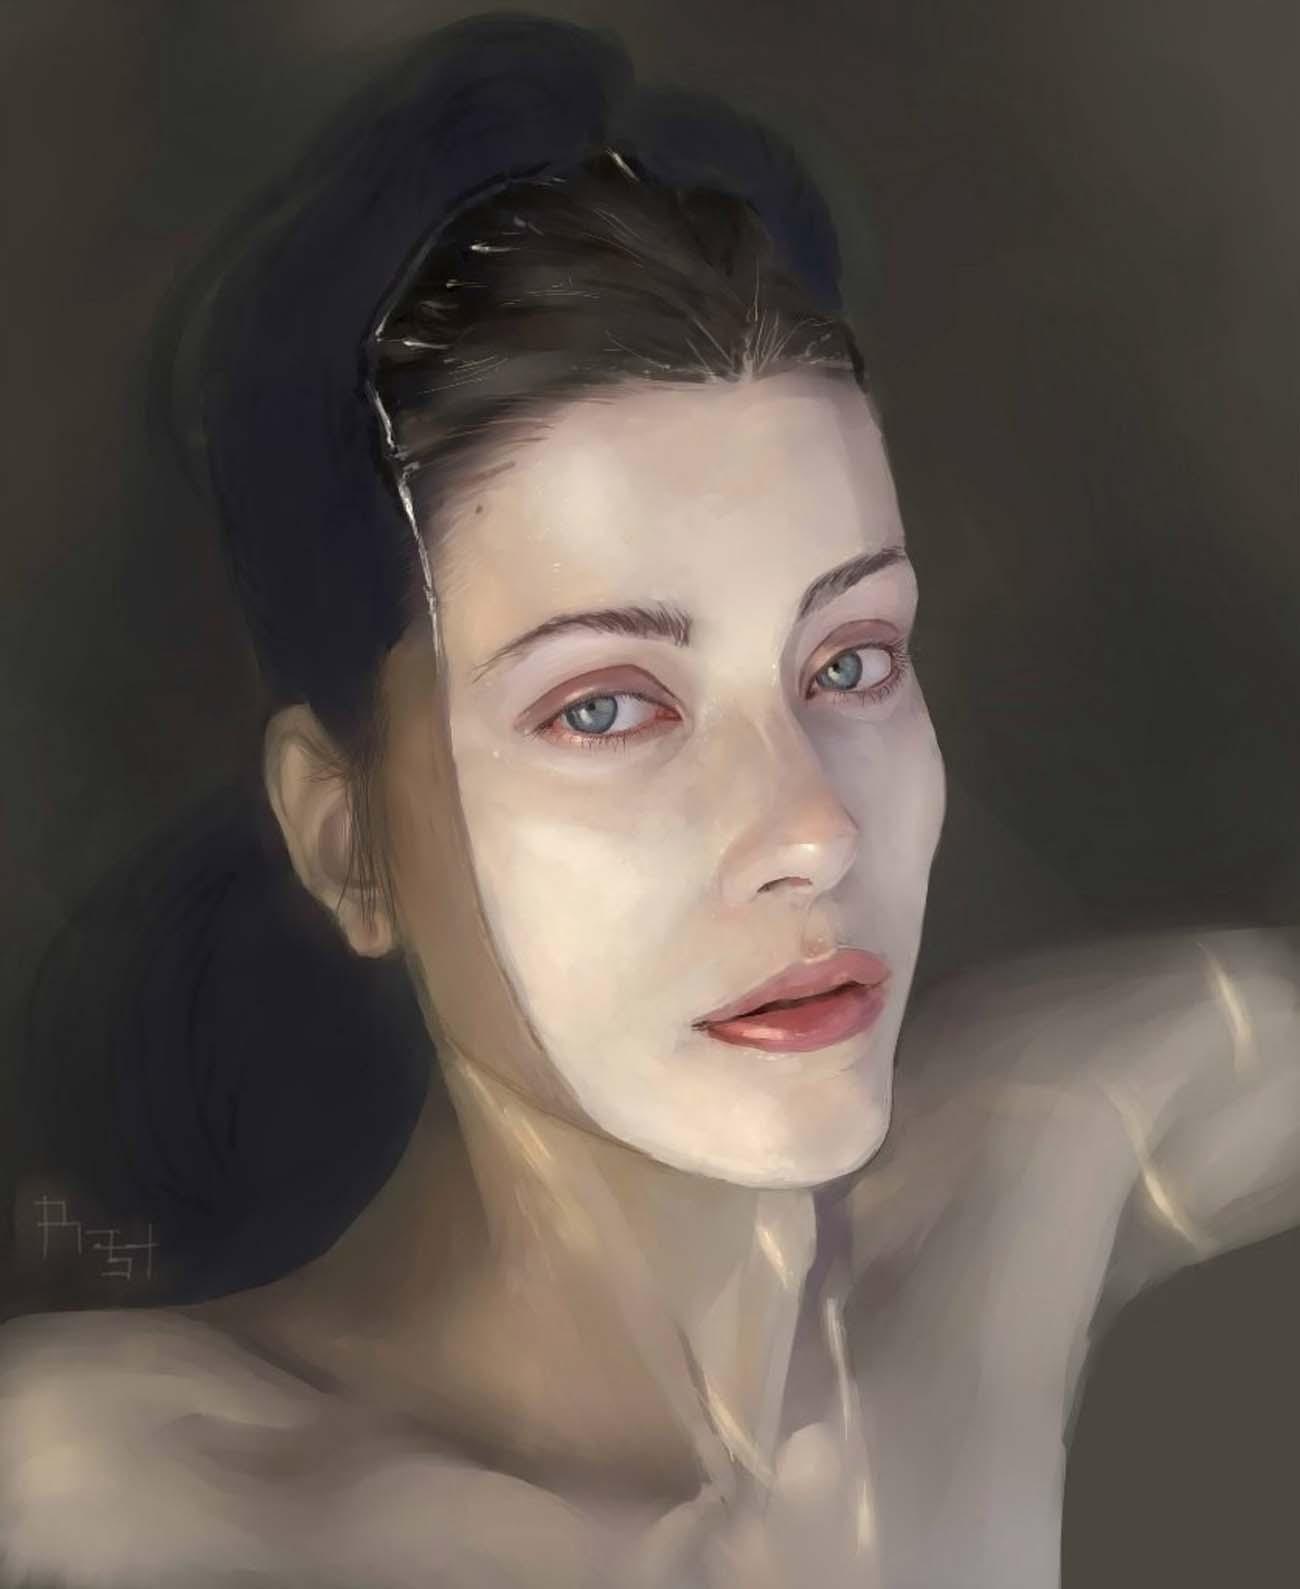 Mariia Bulgakova | Paintable.cc Digital Painting Inspiration - Learn the Art of Digital Painting! #digitalpainting #digitalart